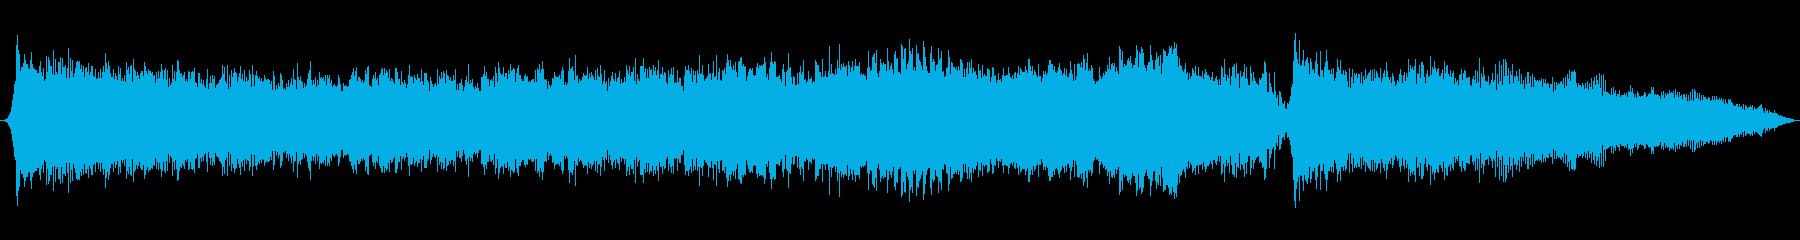 Cyber War_30secの再生済みの波形